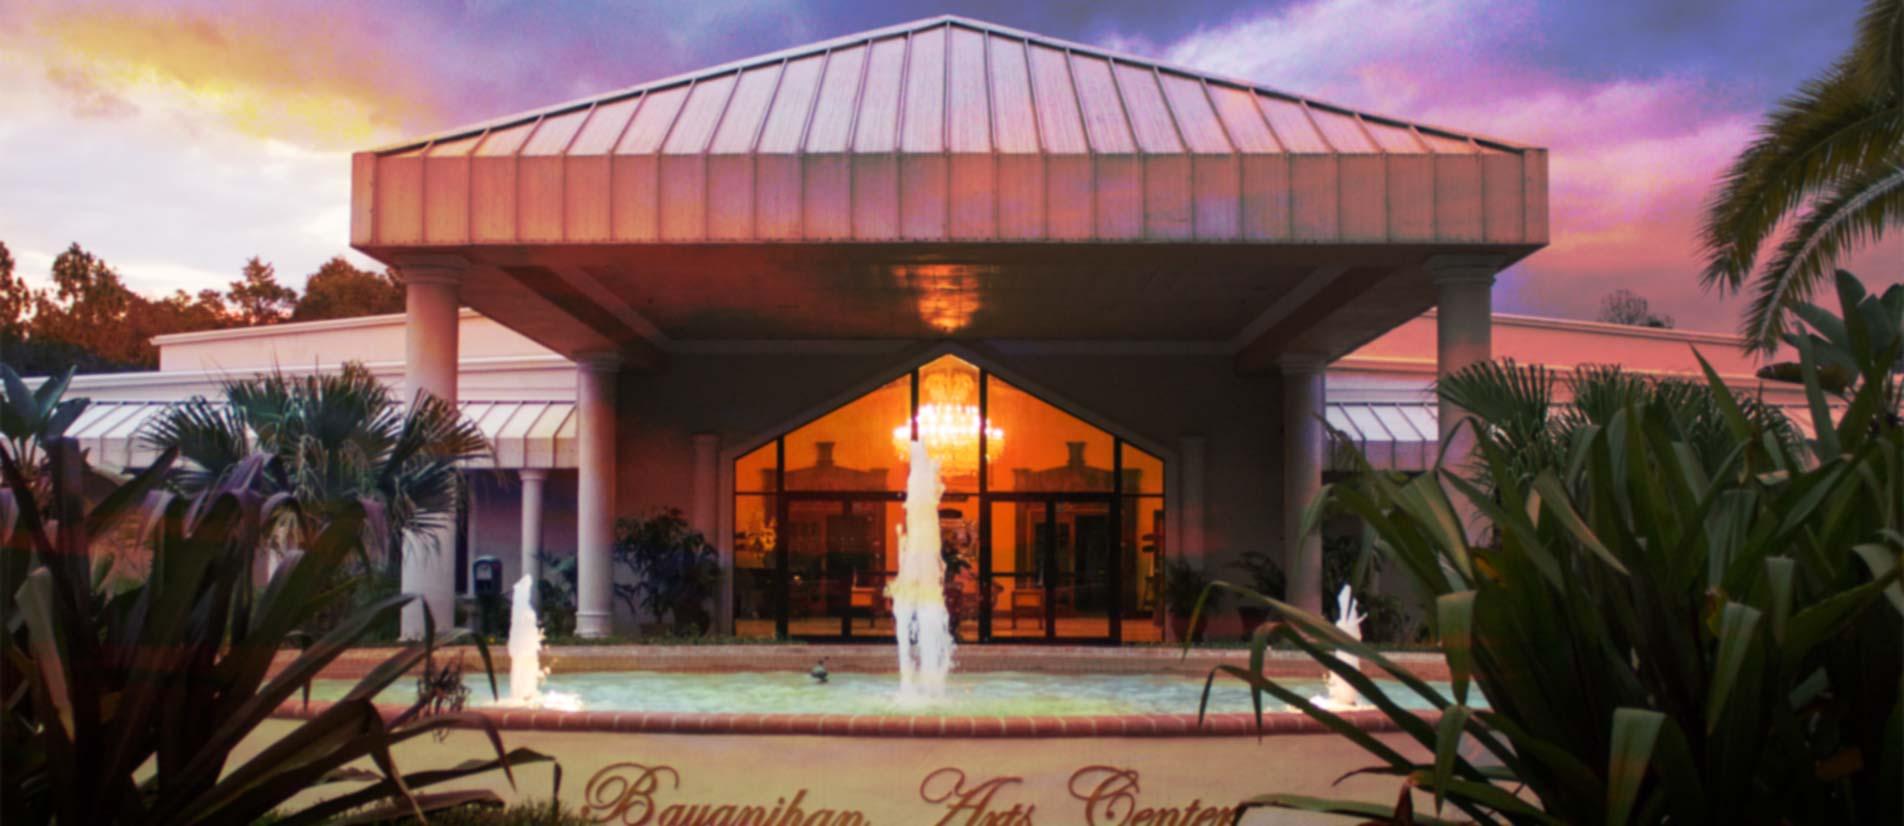 Bayanihan ARts and Events Center Facade